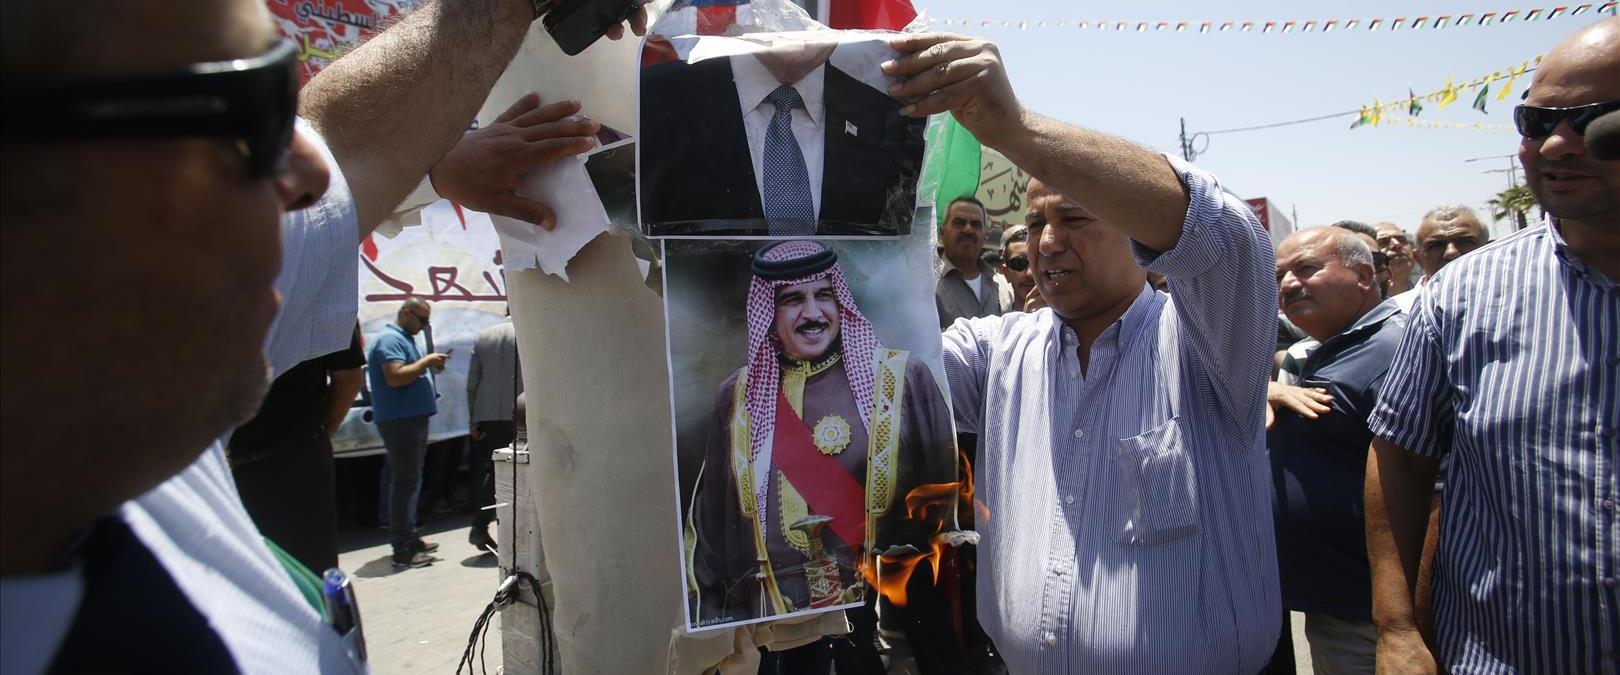 פלסטינים מפגינים בחברון נגד הוועידה בבחריין